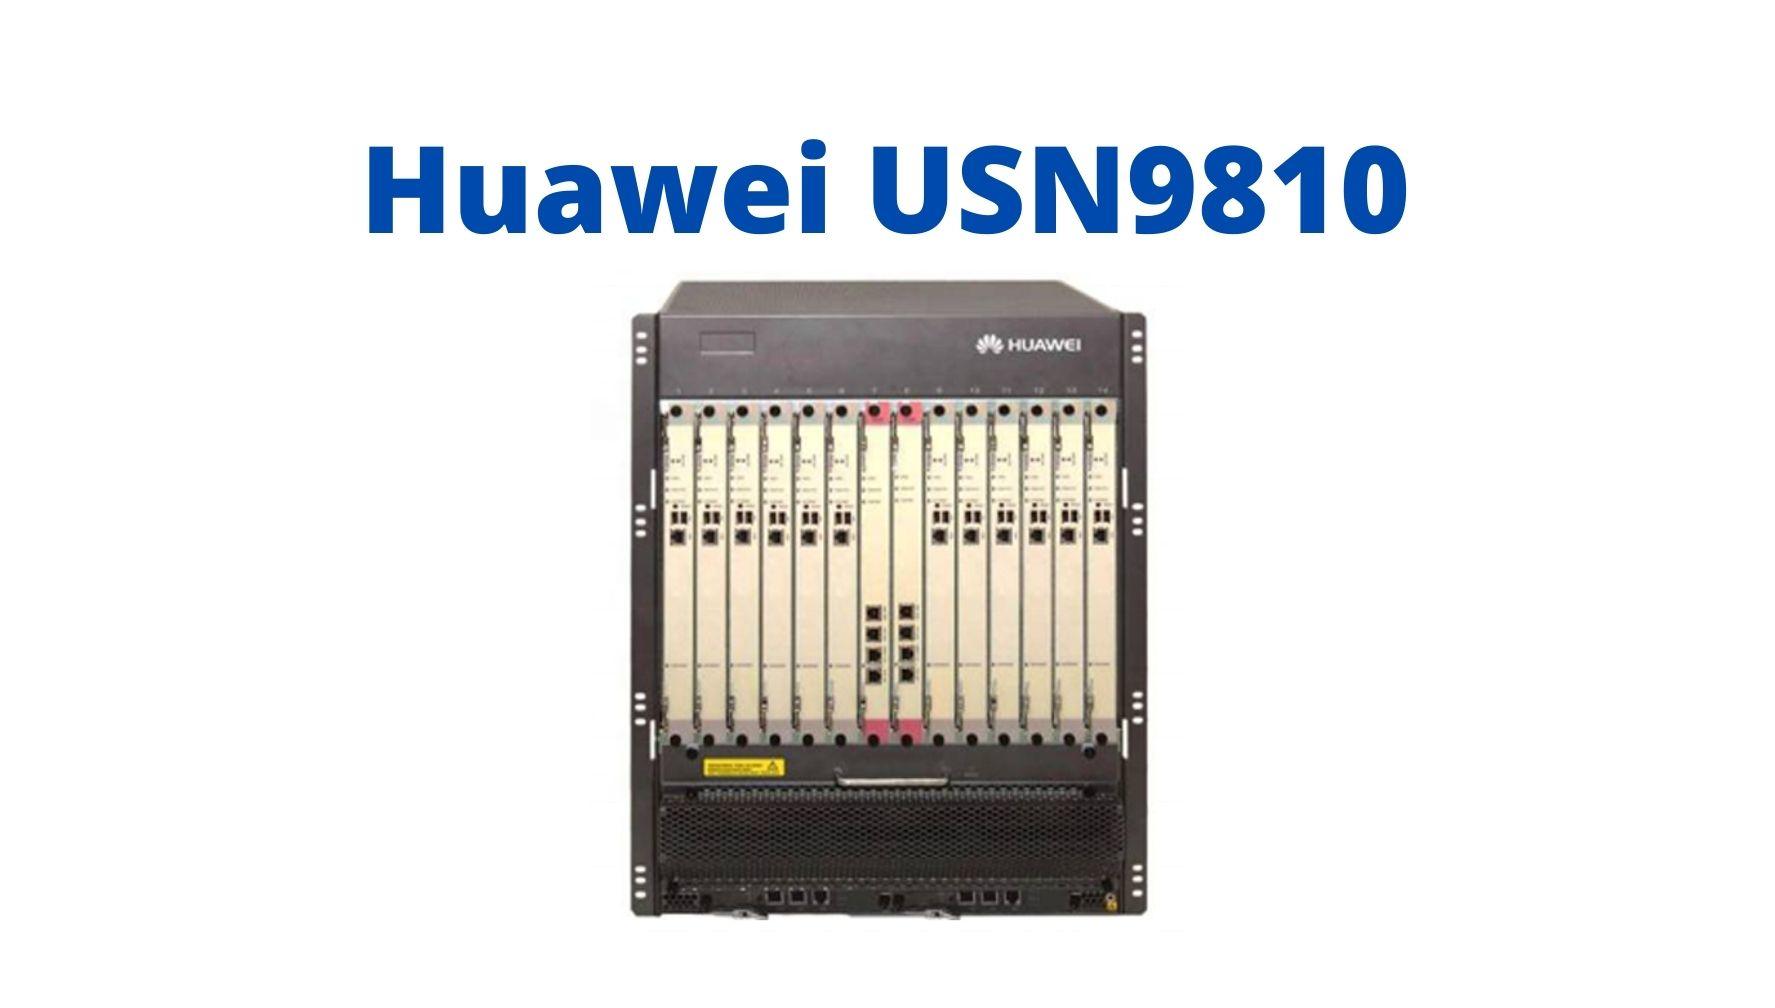 Huawei USN9810